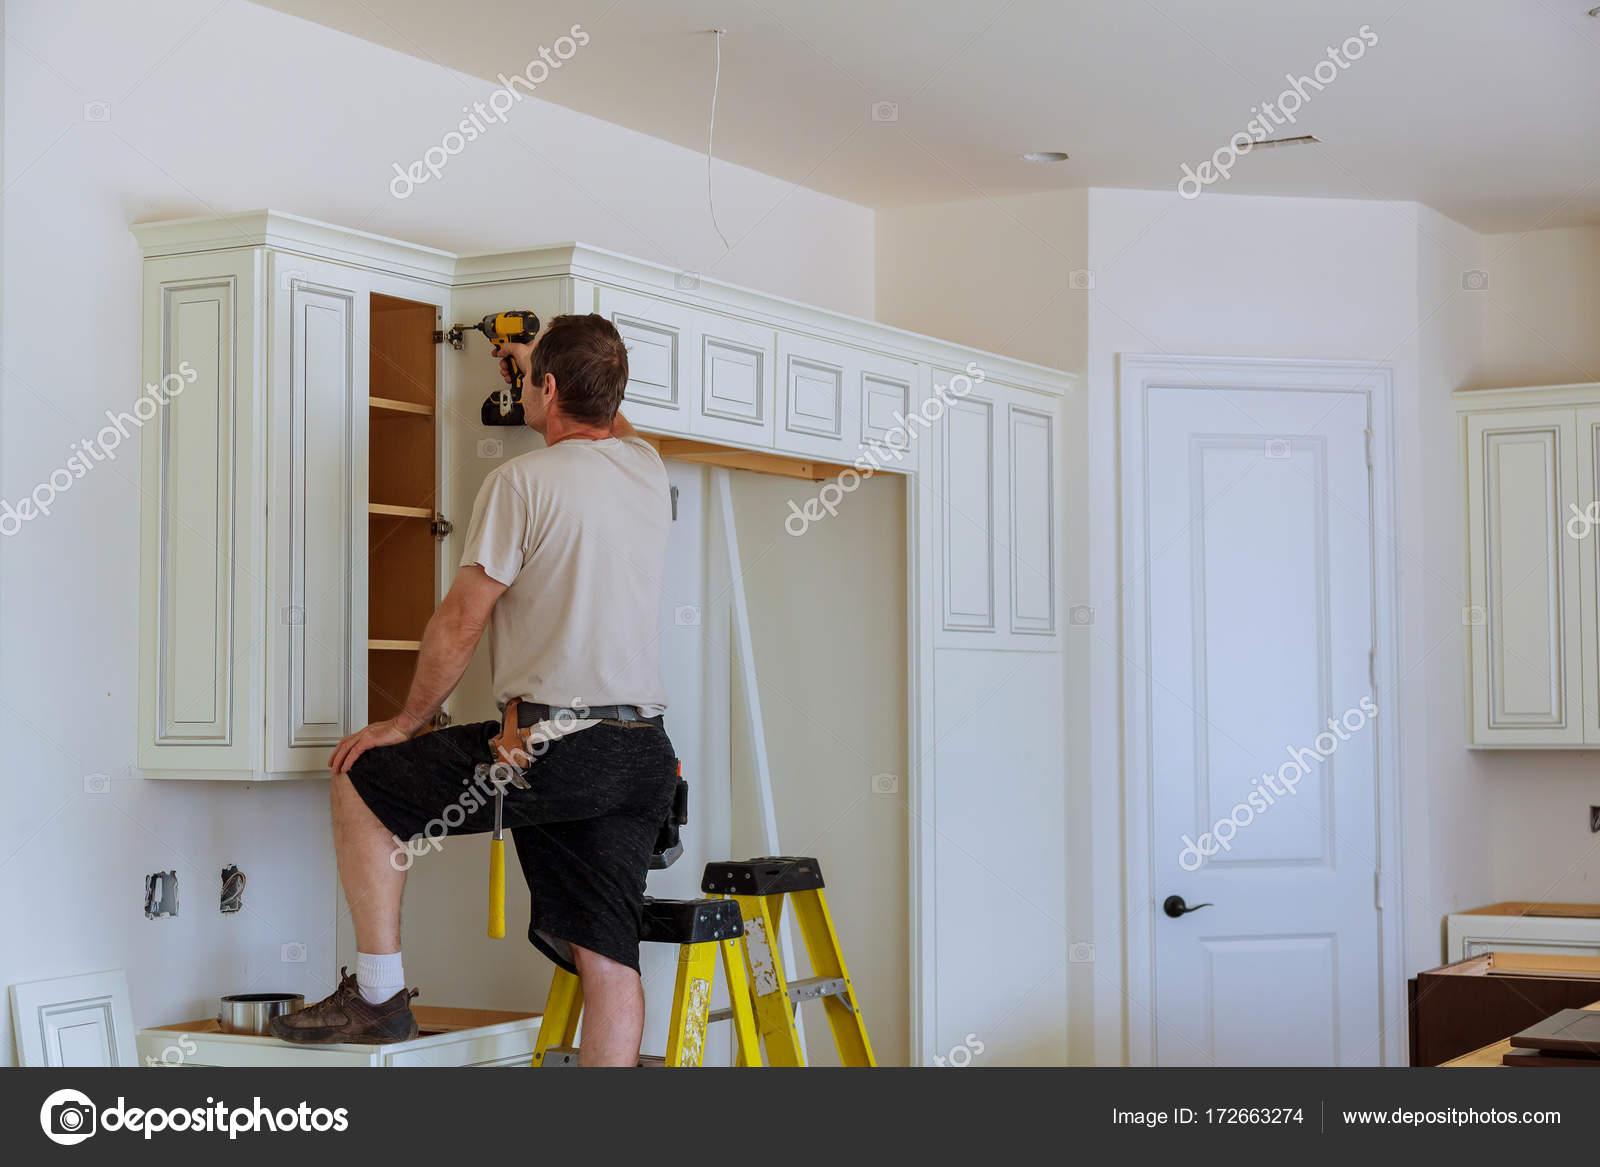 Installazione di porte su mobili da cucina — Foto Stock ...